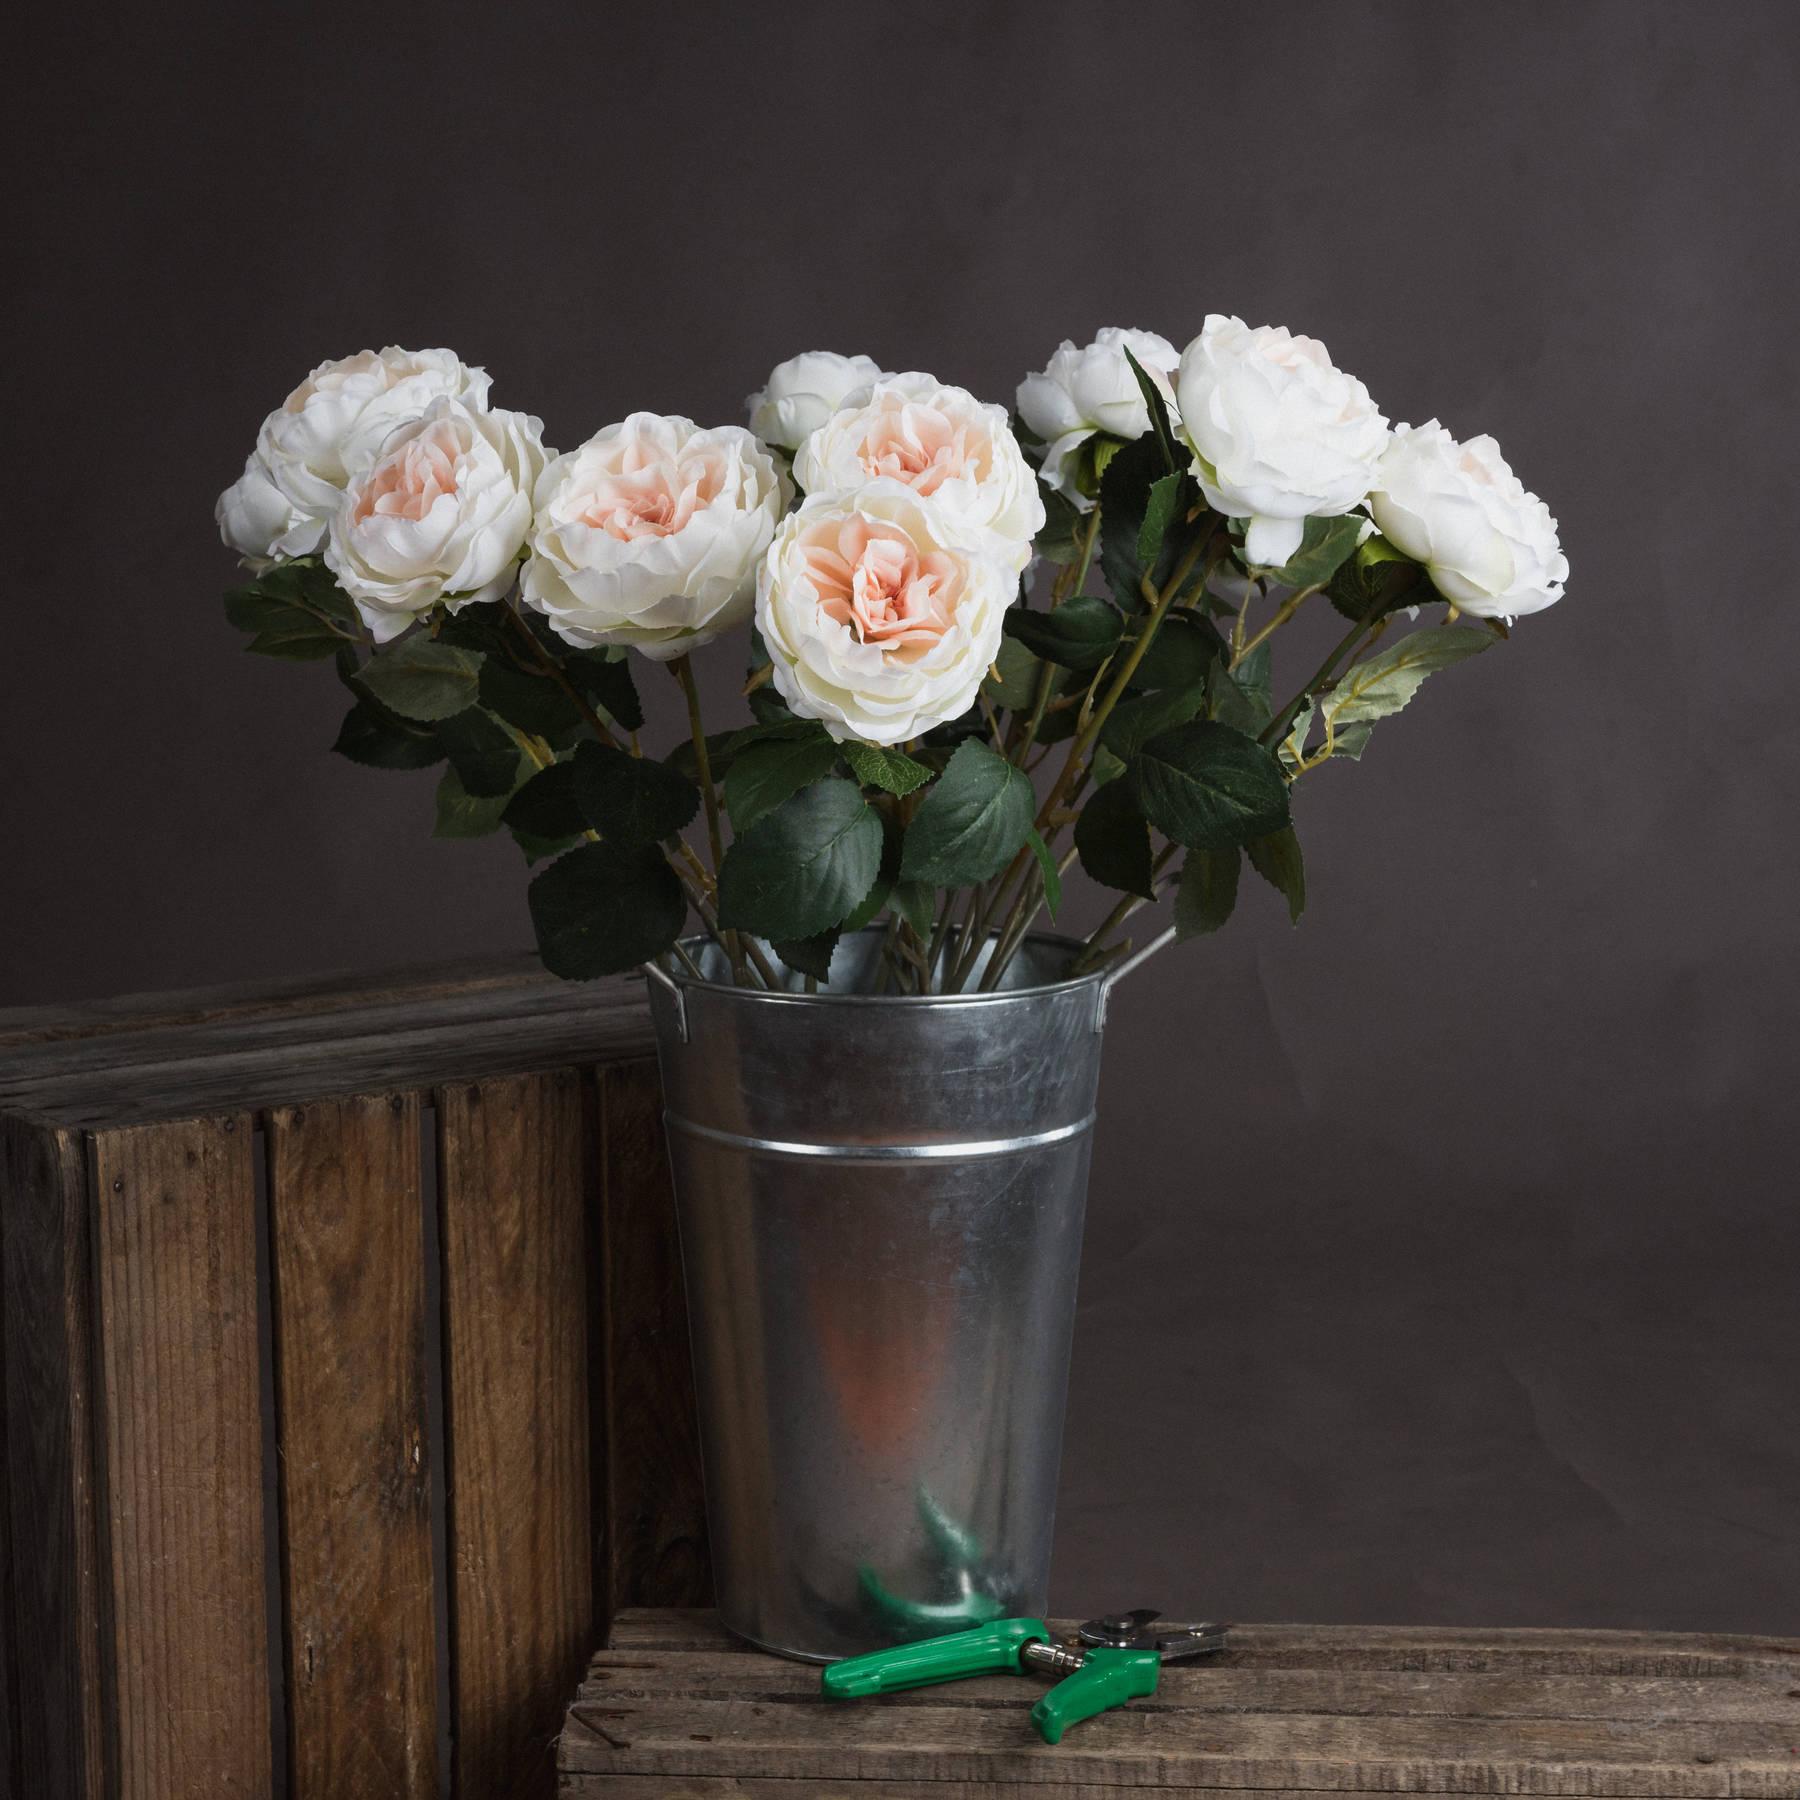 Blush Garden Rose - Image 1